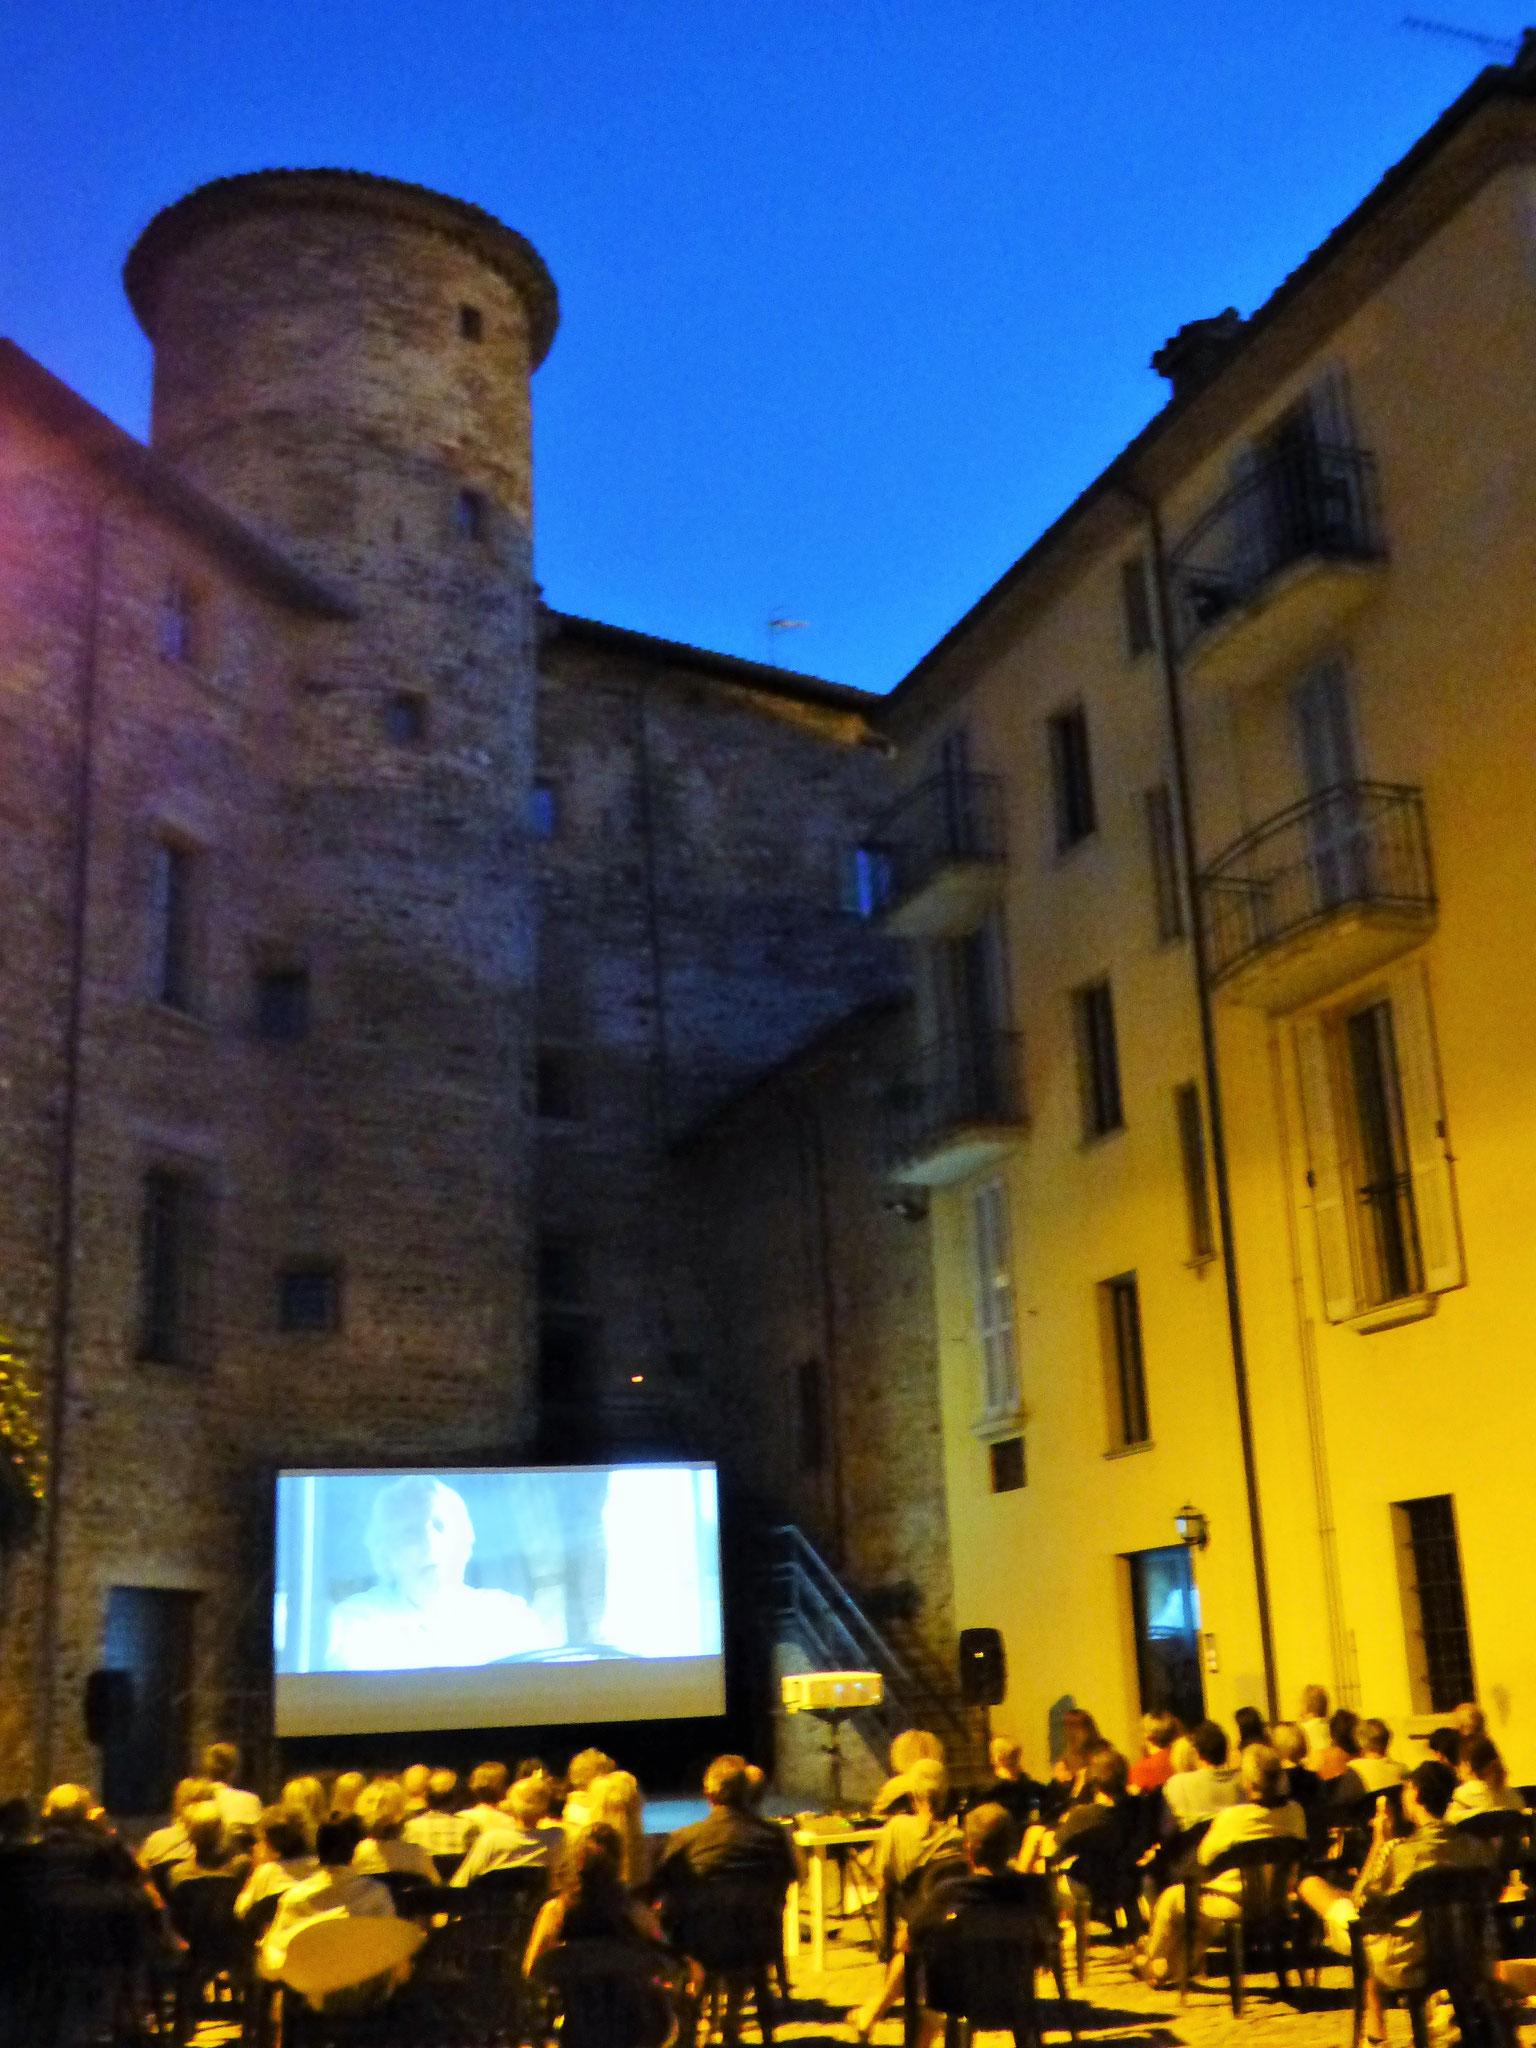 Travo: Piazzetta borgo antico 23 luglio Ella & John